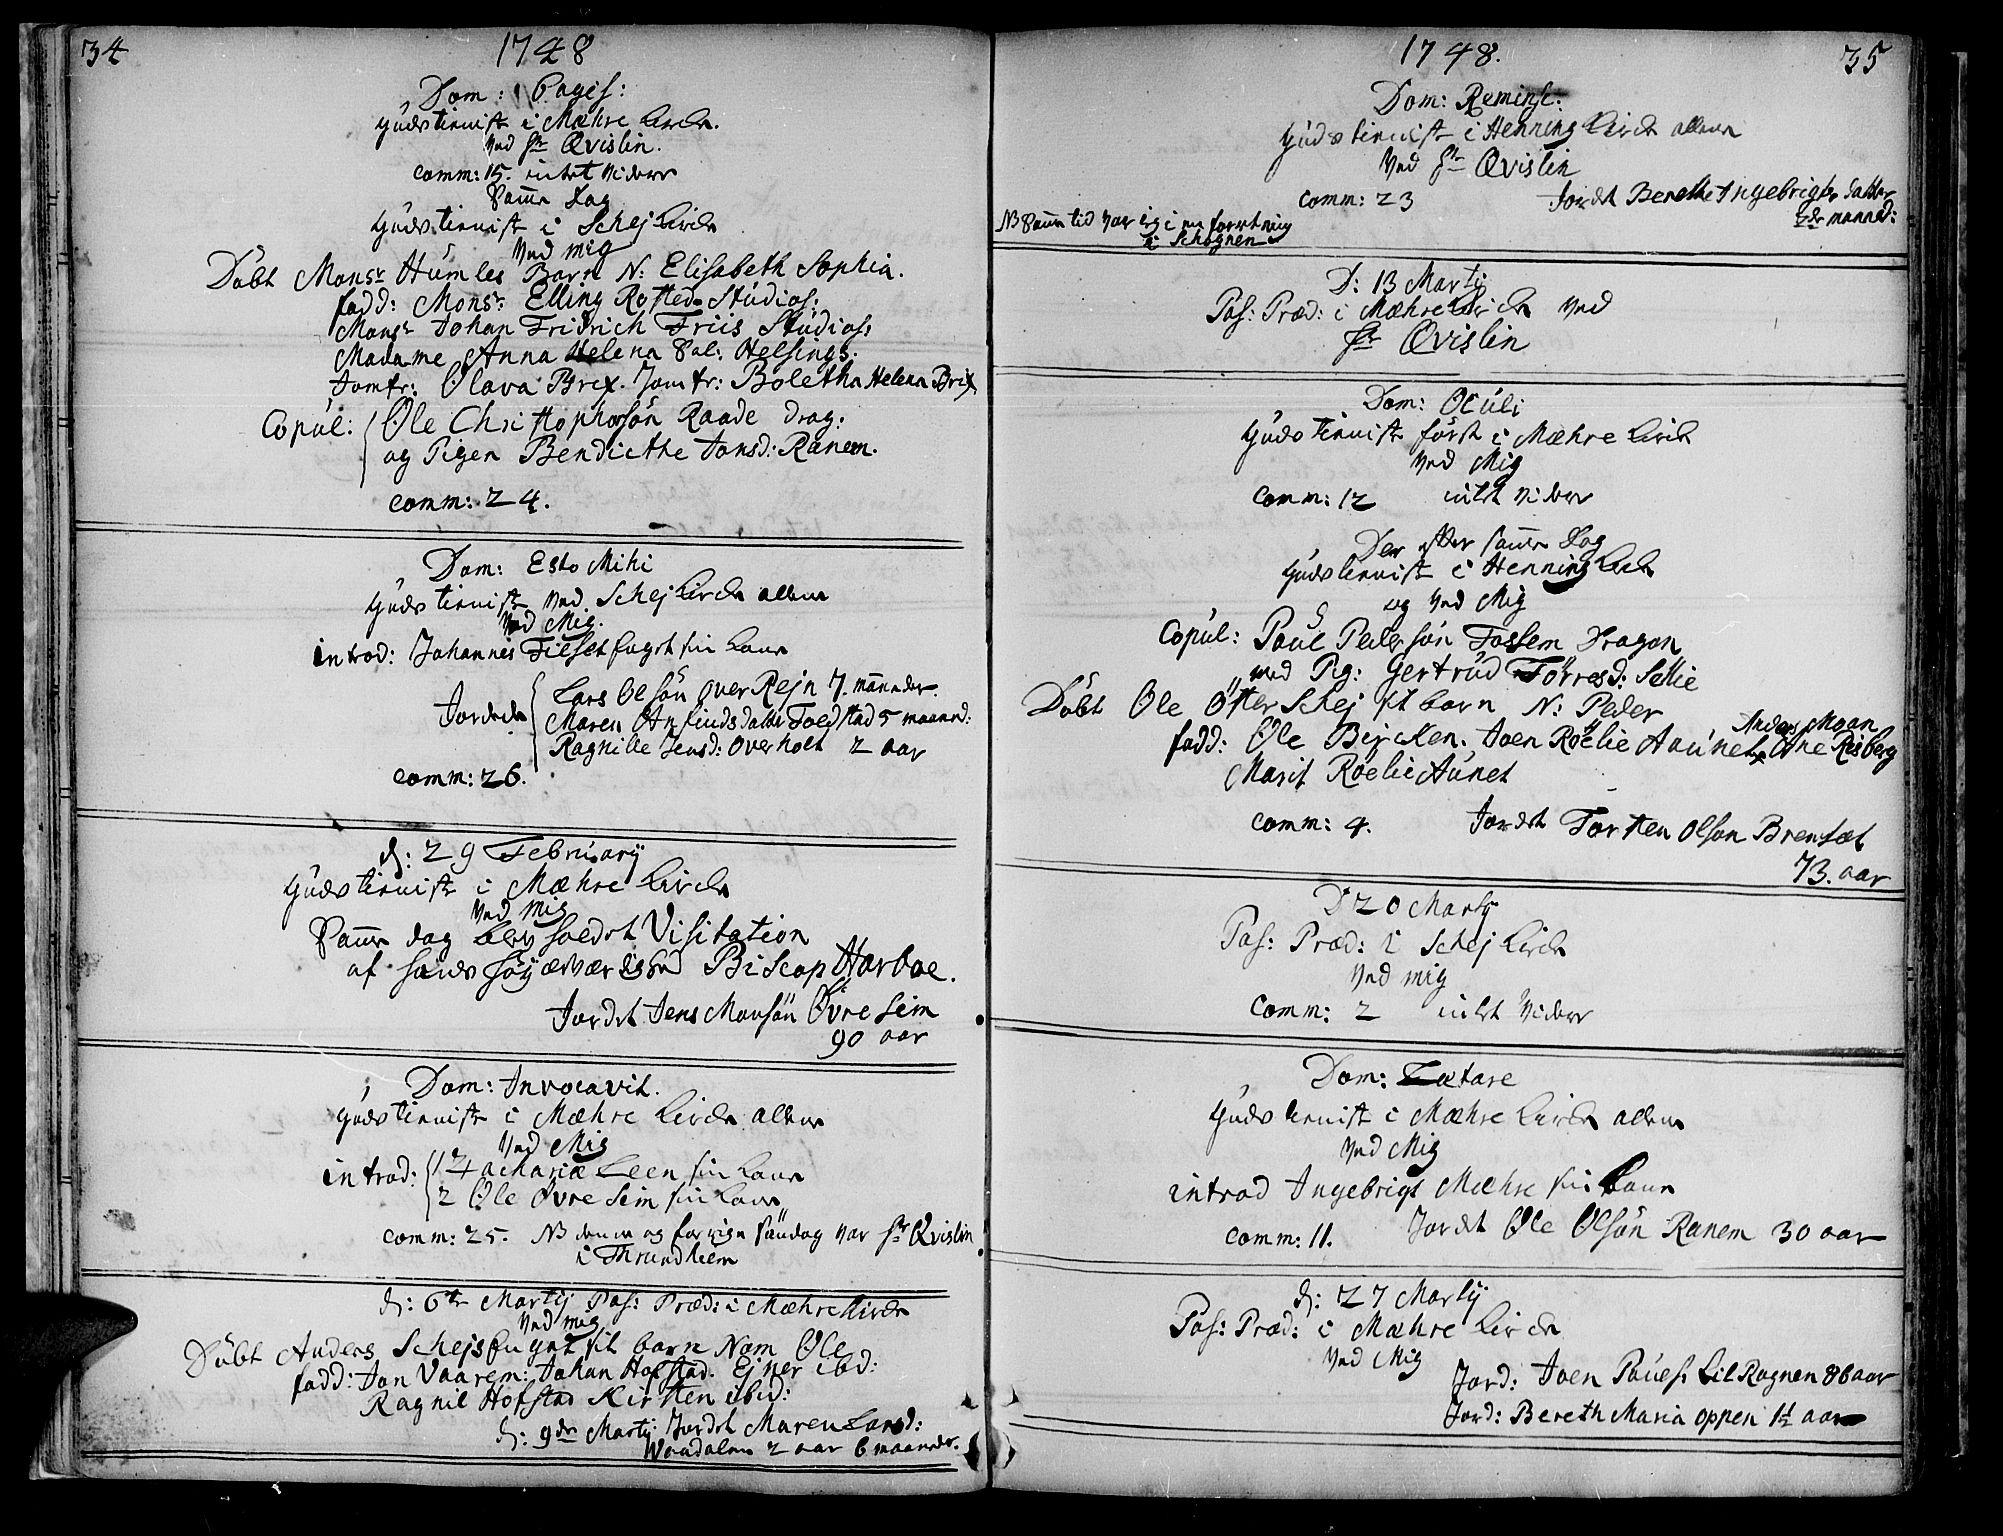 SAT, Ministerialprotokoller, klokkerbøker og fødselsregistre - Nord-Trøndelag, 735/L0330: Ministerialbok nr. 735A01, 1740-1766, s. 34-35